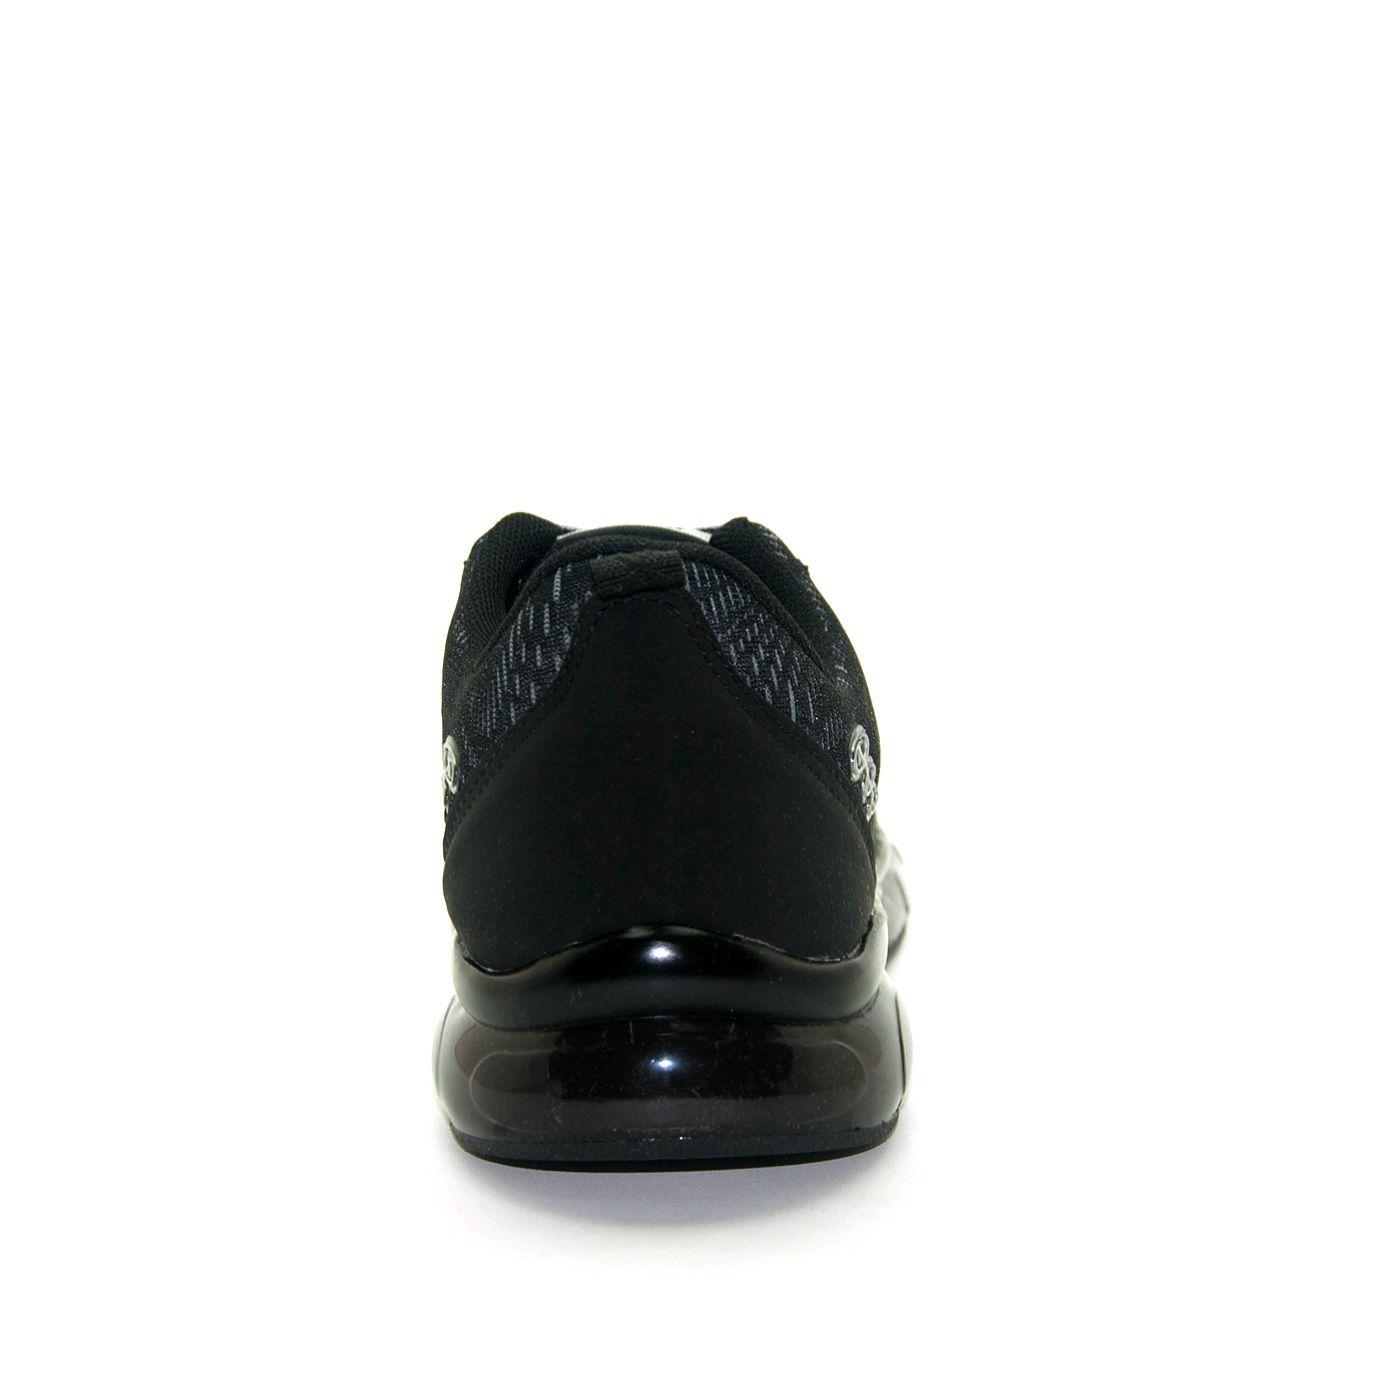 TENIS BLACK FREE SOLADO BOLHA 24.800